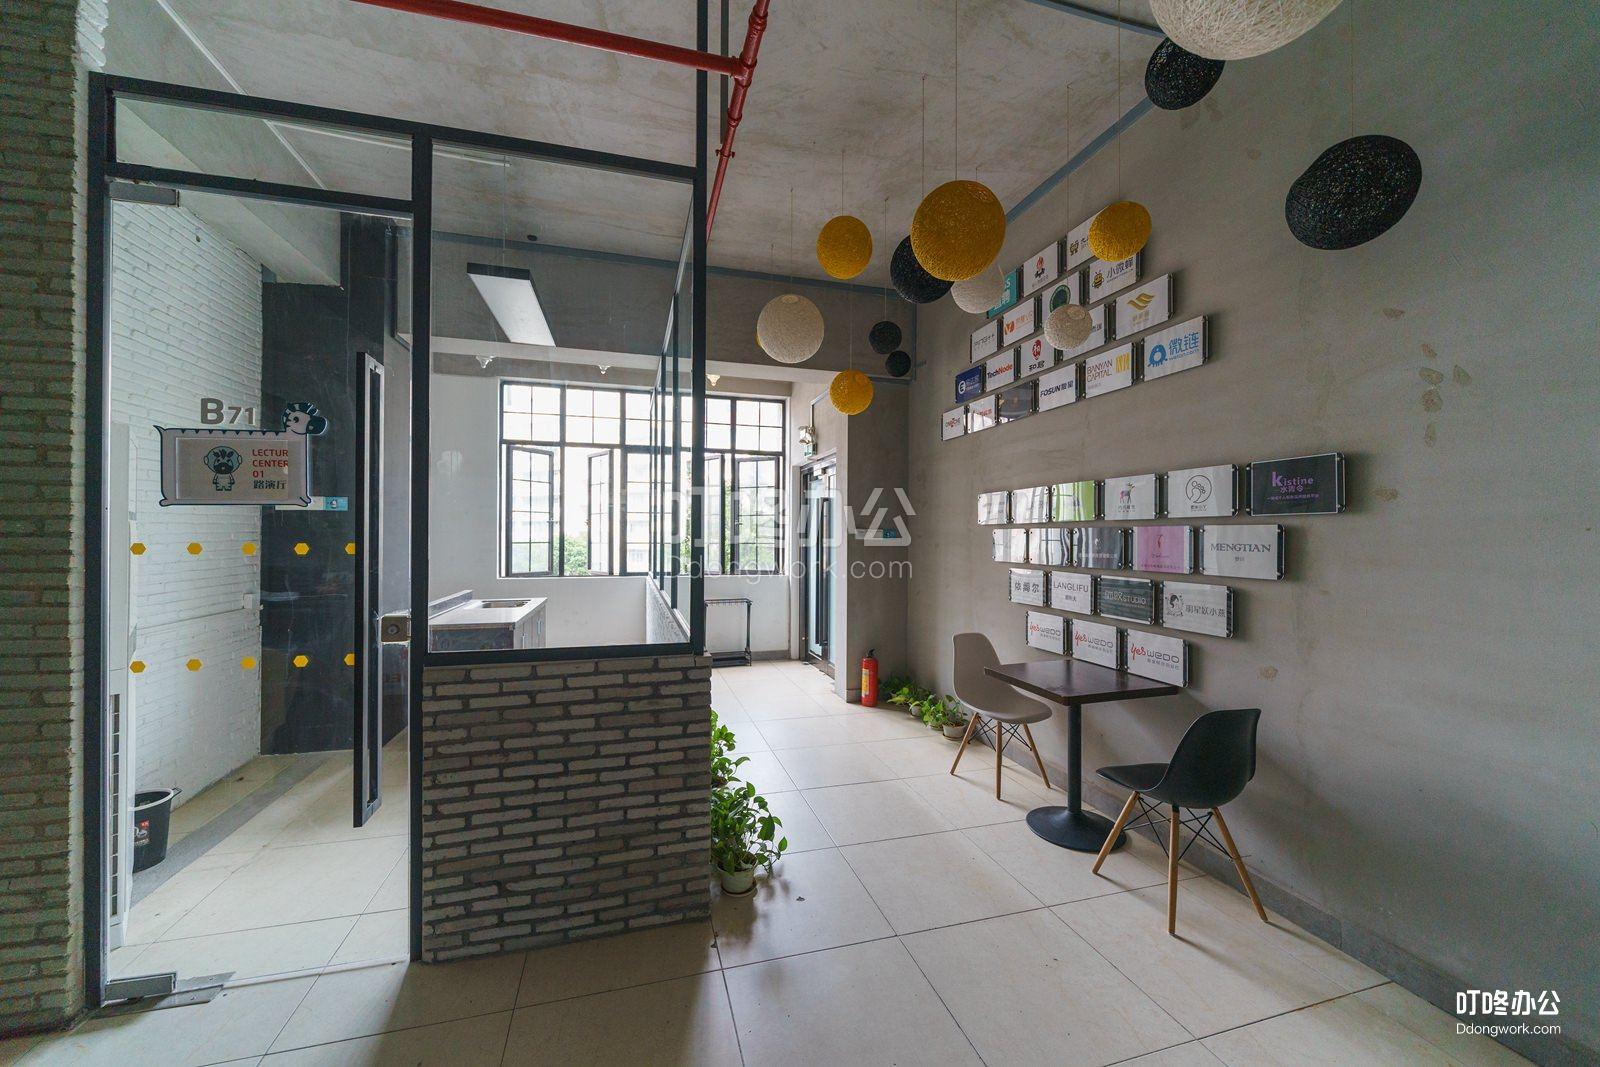 深圳yeswedo蜂巢社区•优客工场会议室